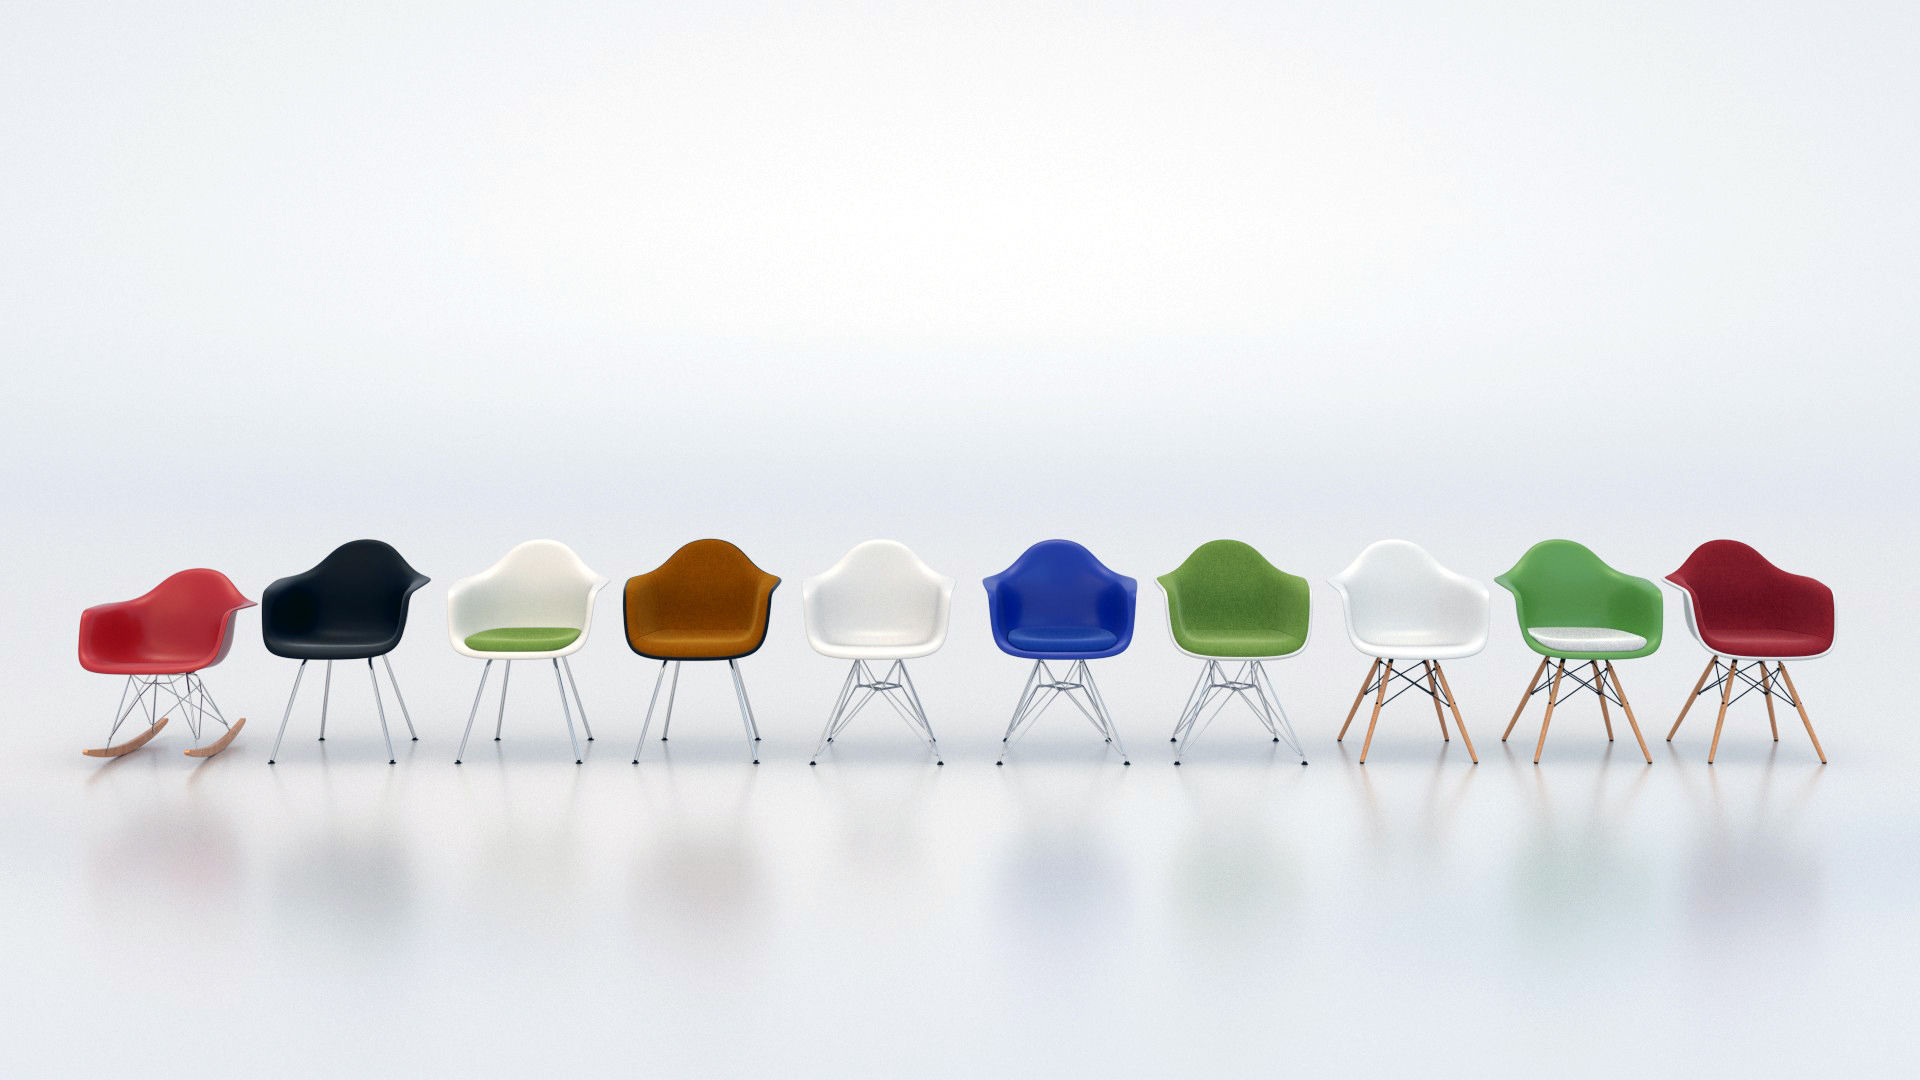 vitra eames plastic armchair daw dar dax rar 3d model fbx c4d blend 3. Vitra Eames plastic armchair DAW DAR DAX RAR 3D model FBX C4D BLEND